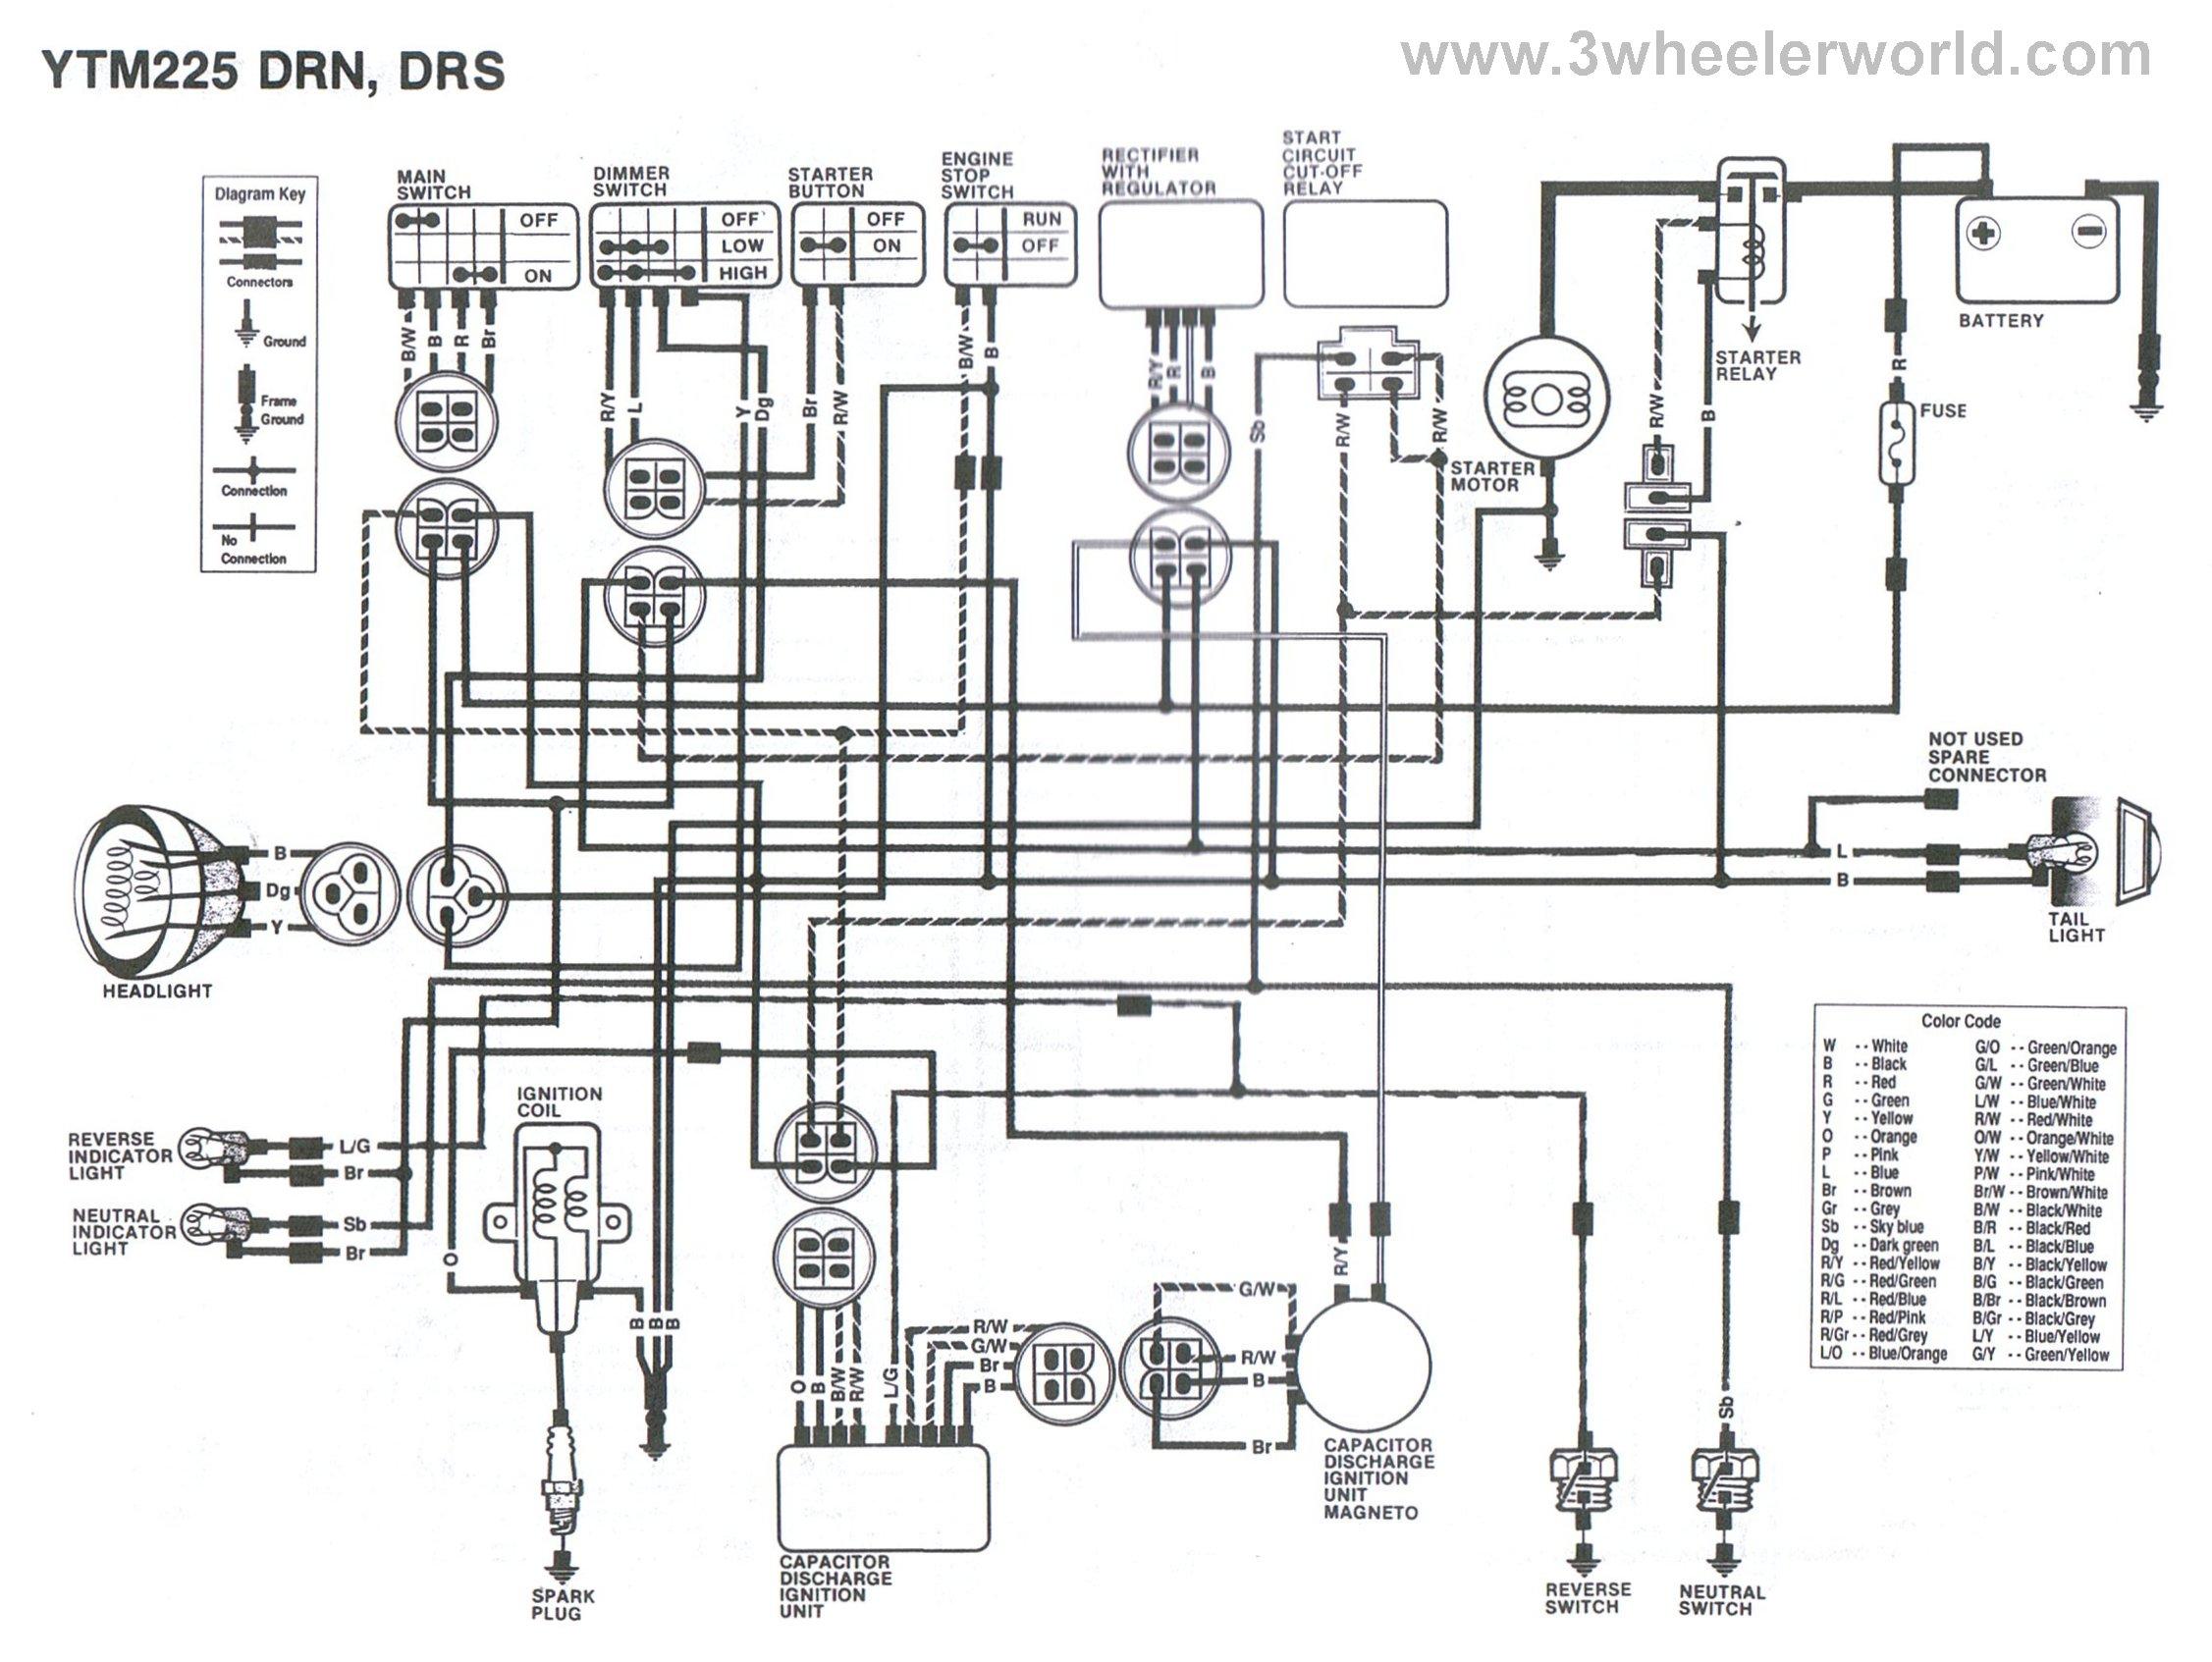 83 yamaha virago wiring diagram wiring library83 yamaha 400 xs wiring diagram